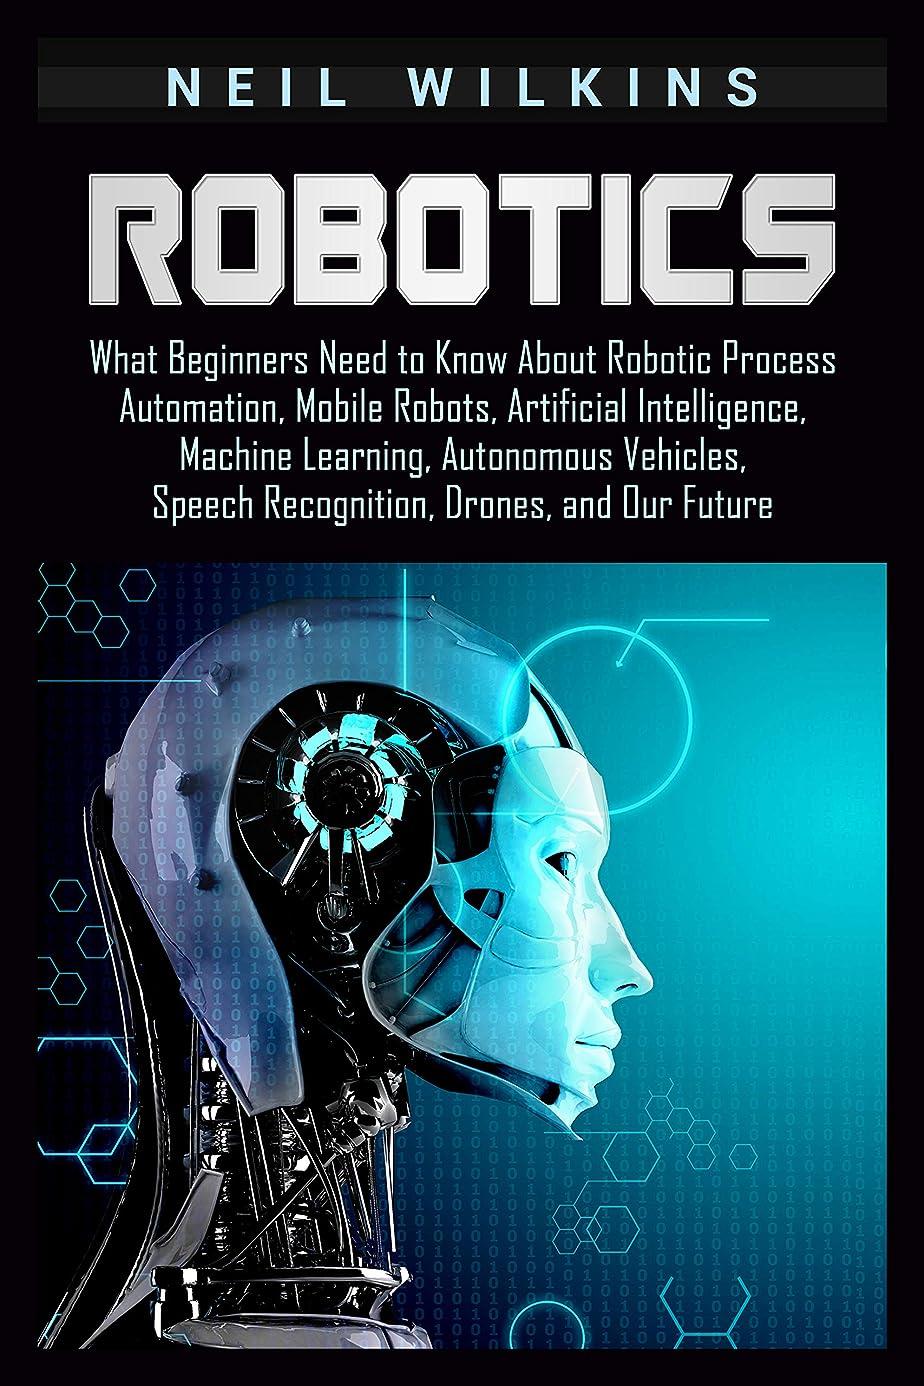 短命バルク辛いRobotics: What Beginners Need to Know about Robotic Process Automation, Mobile Robots, Artificial Intelligence, Machine Learning, Autonomous Vehicles, ... Drones, and Our Future (English Edition)